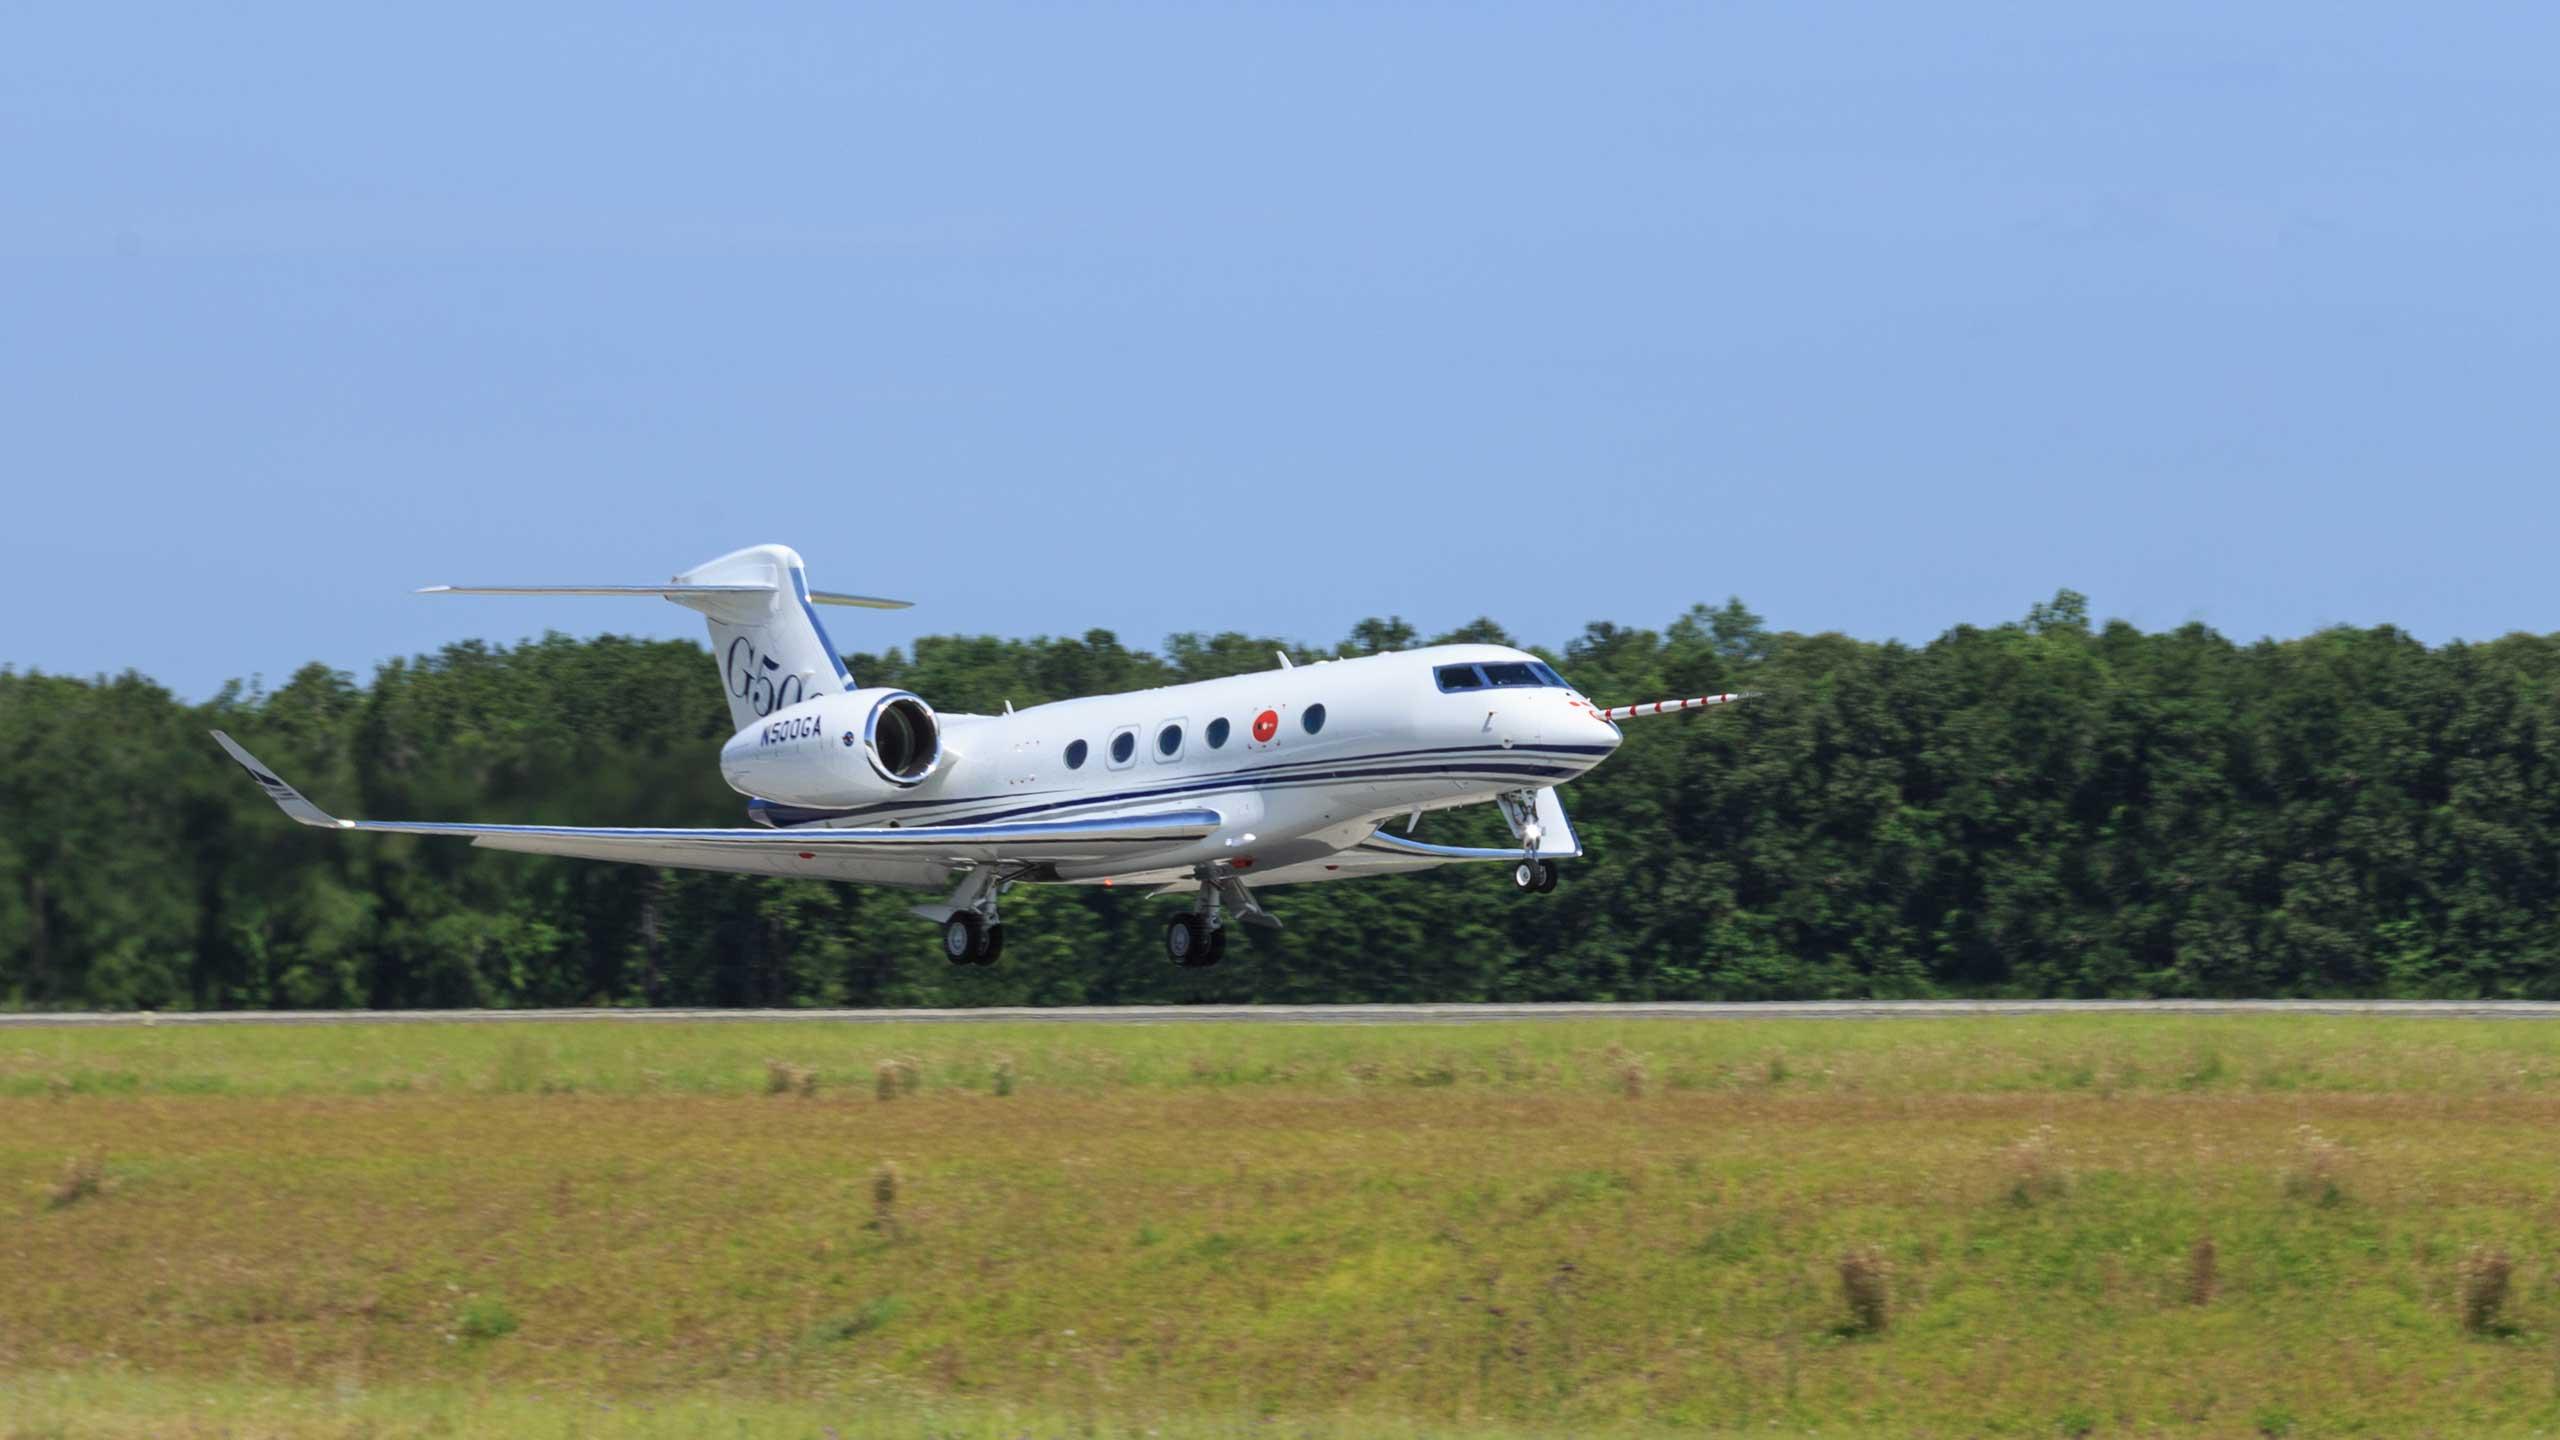 El nuevo G500 realizó su primer vuelo marcando el inicio del programa de pruebas e vuelo previo a la certificación